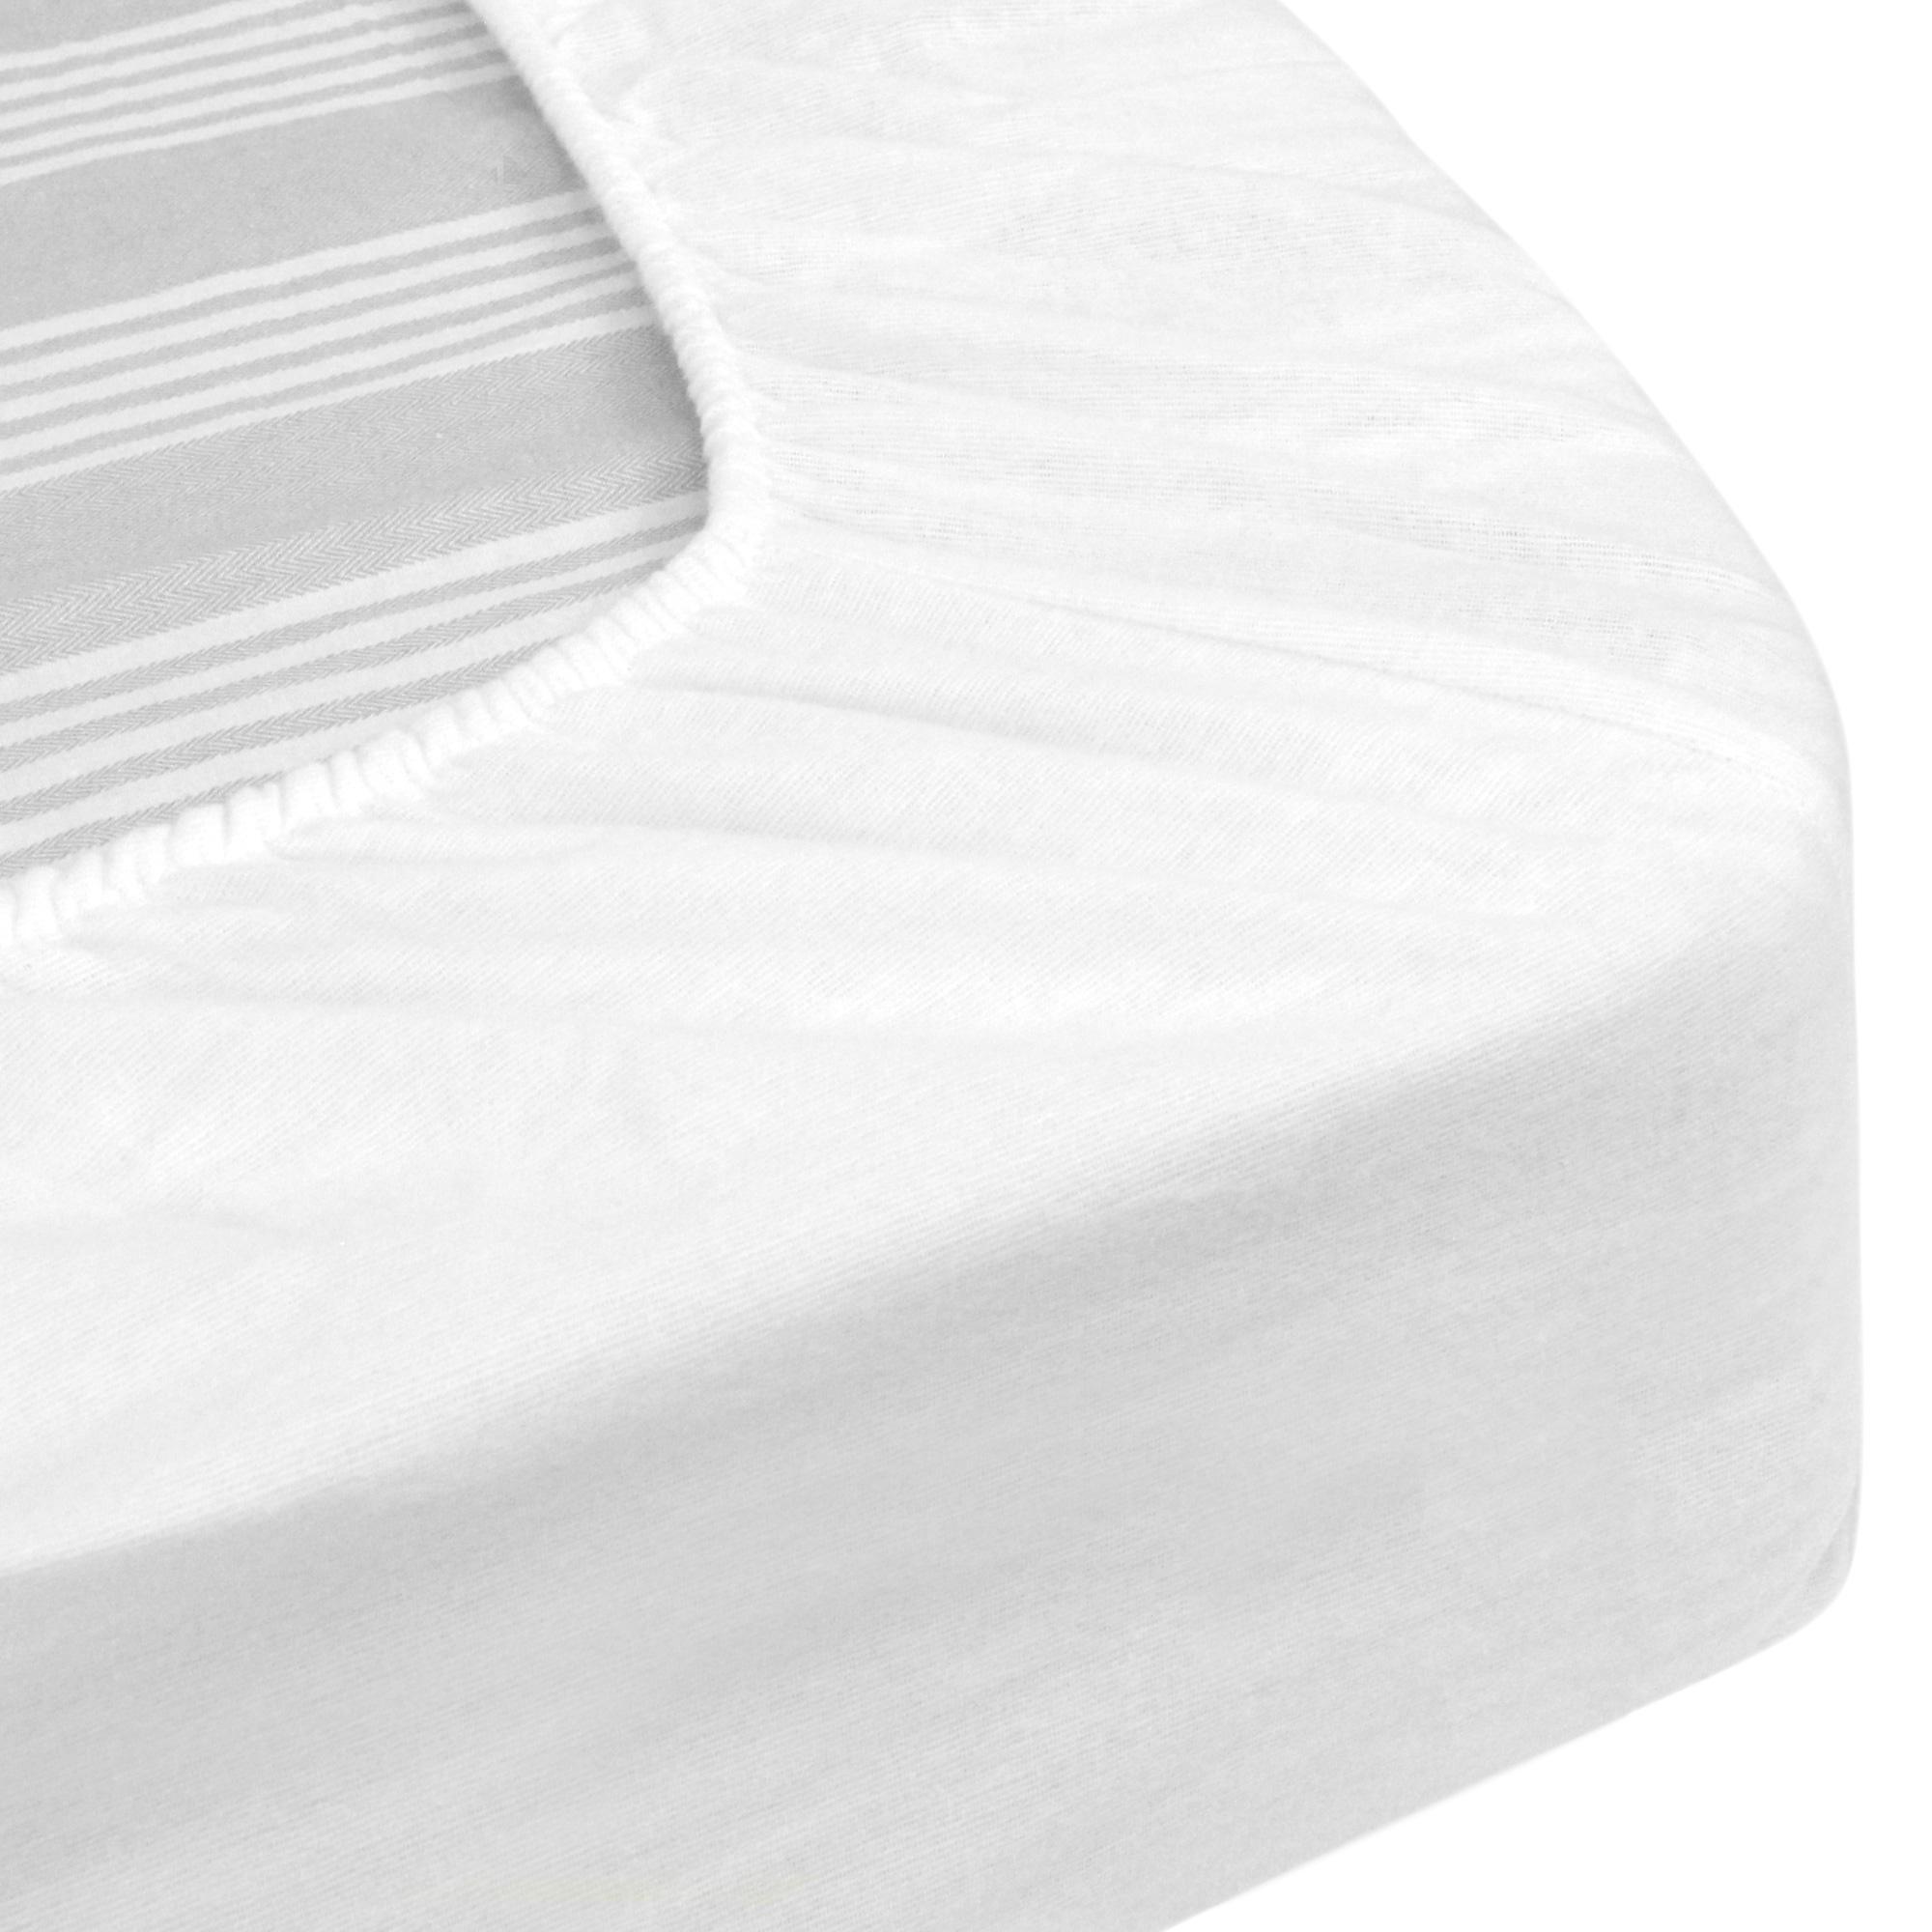 prot ge matelas imperm able 180x200 cm bonnet 30cm arnon molleton 100 coton contrecoll. Black Bedroom Furniture Sets. Home Design Ideas